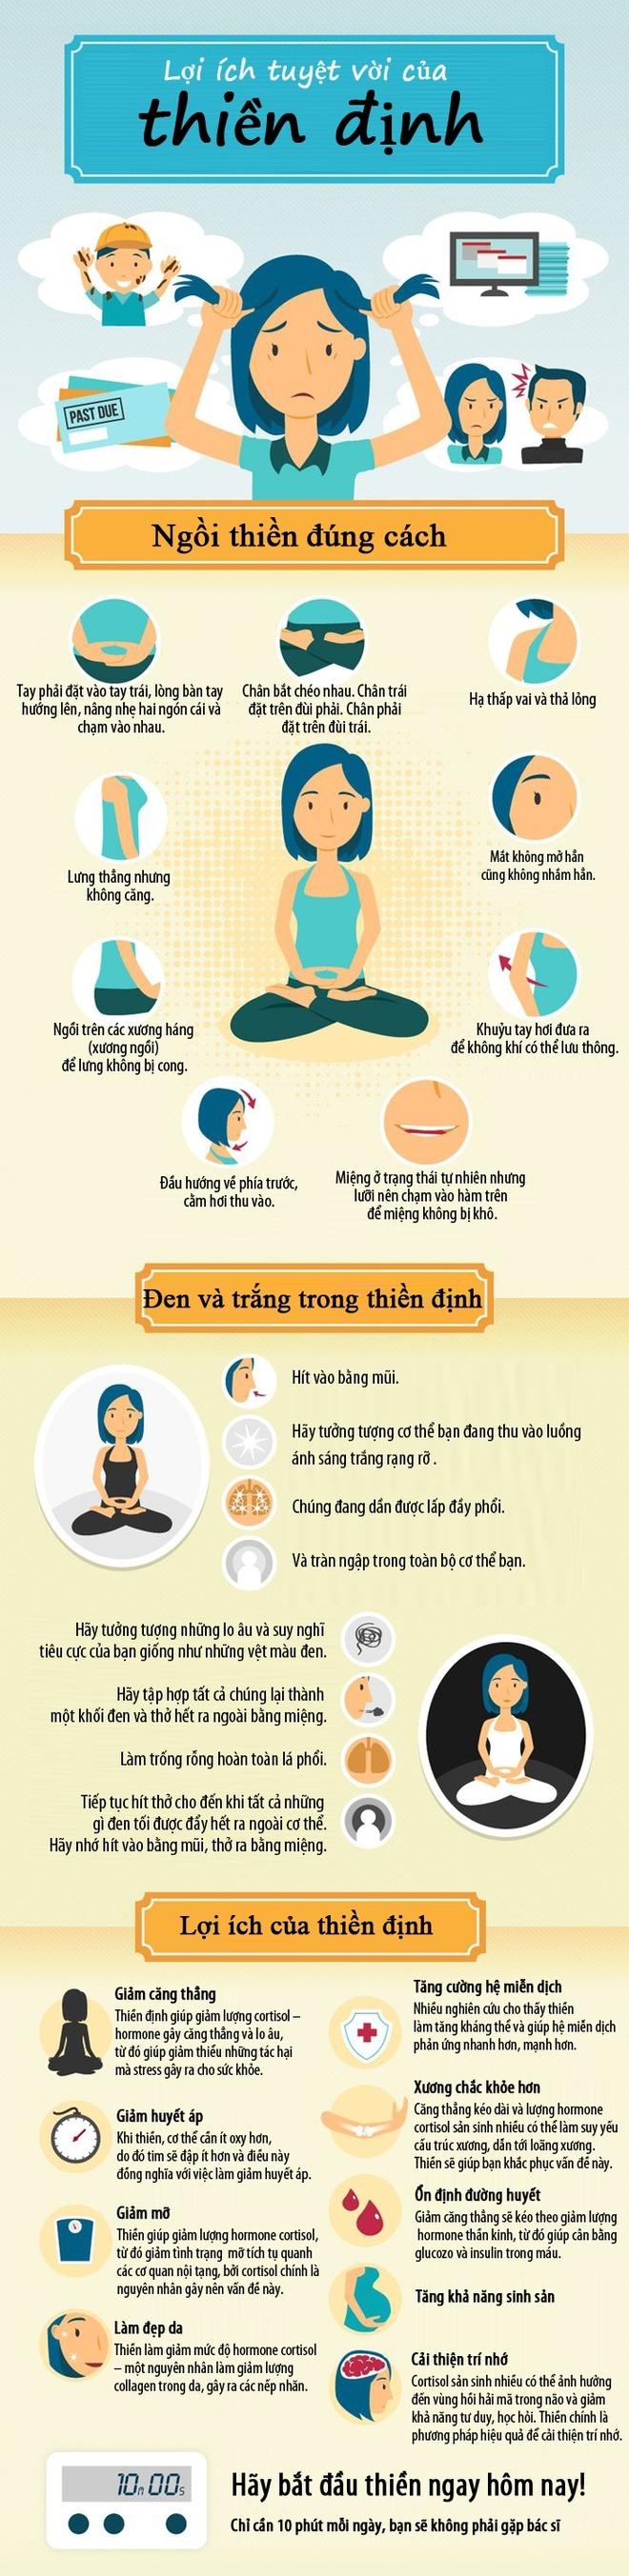 10 phút ngồi thiền đúng cách có lợi cho sức khỏe